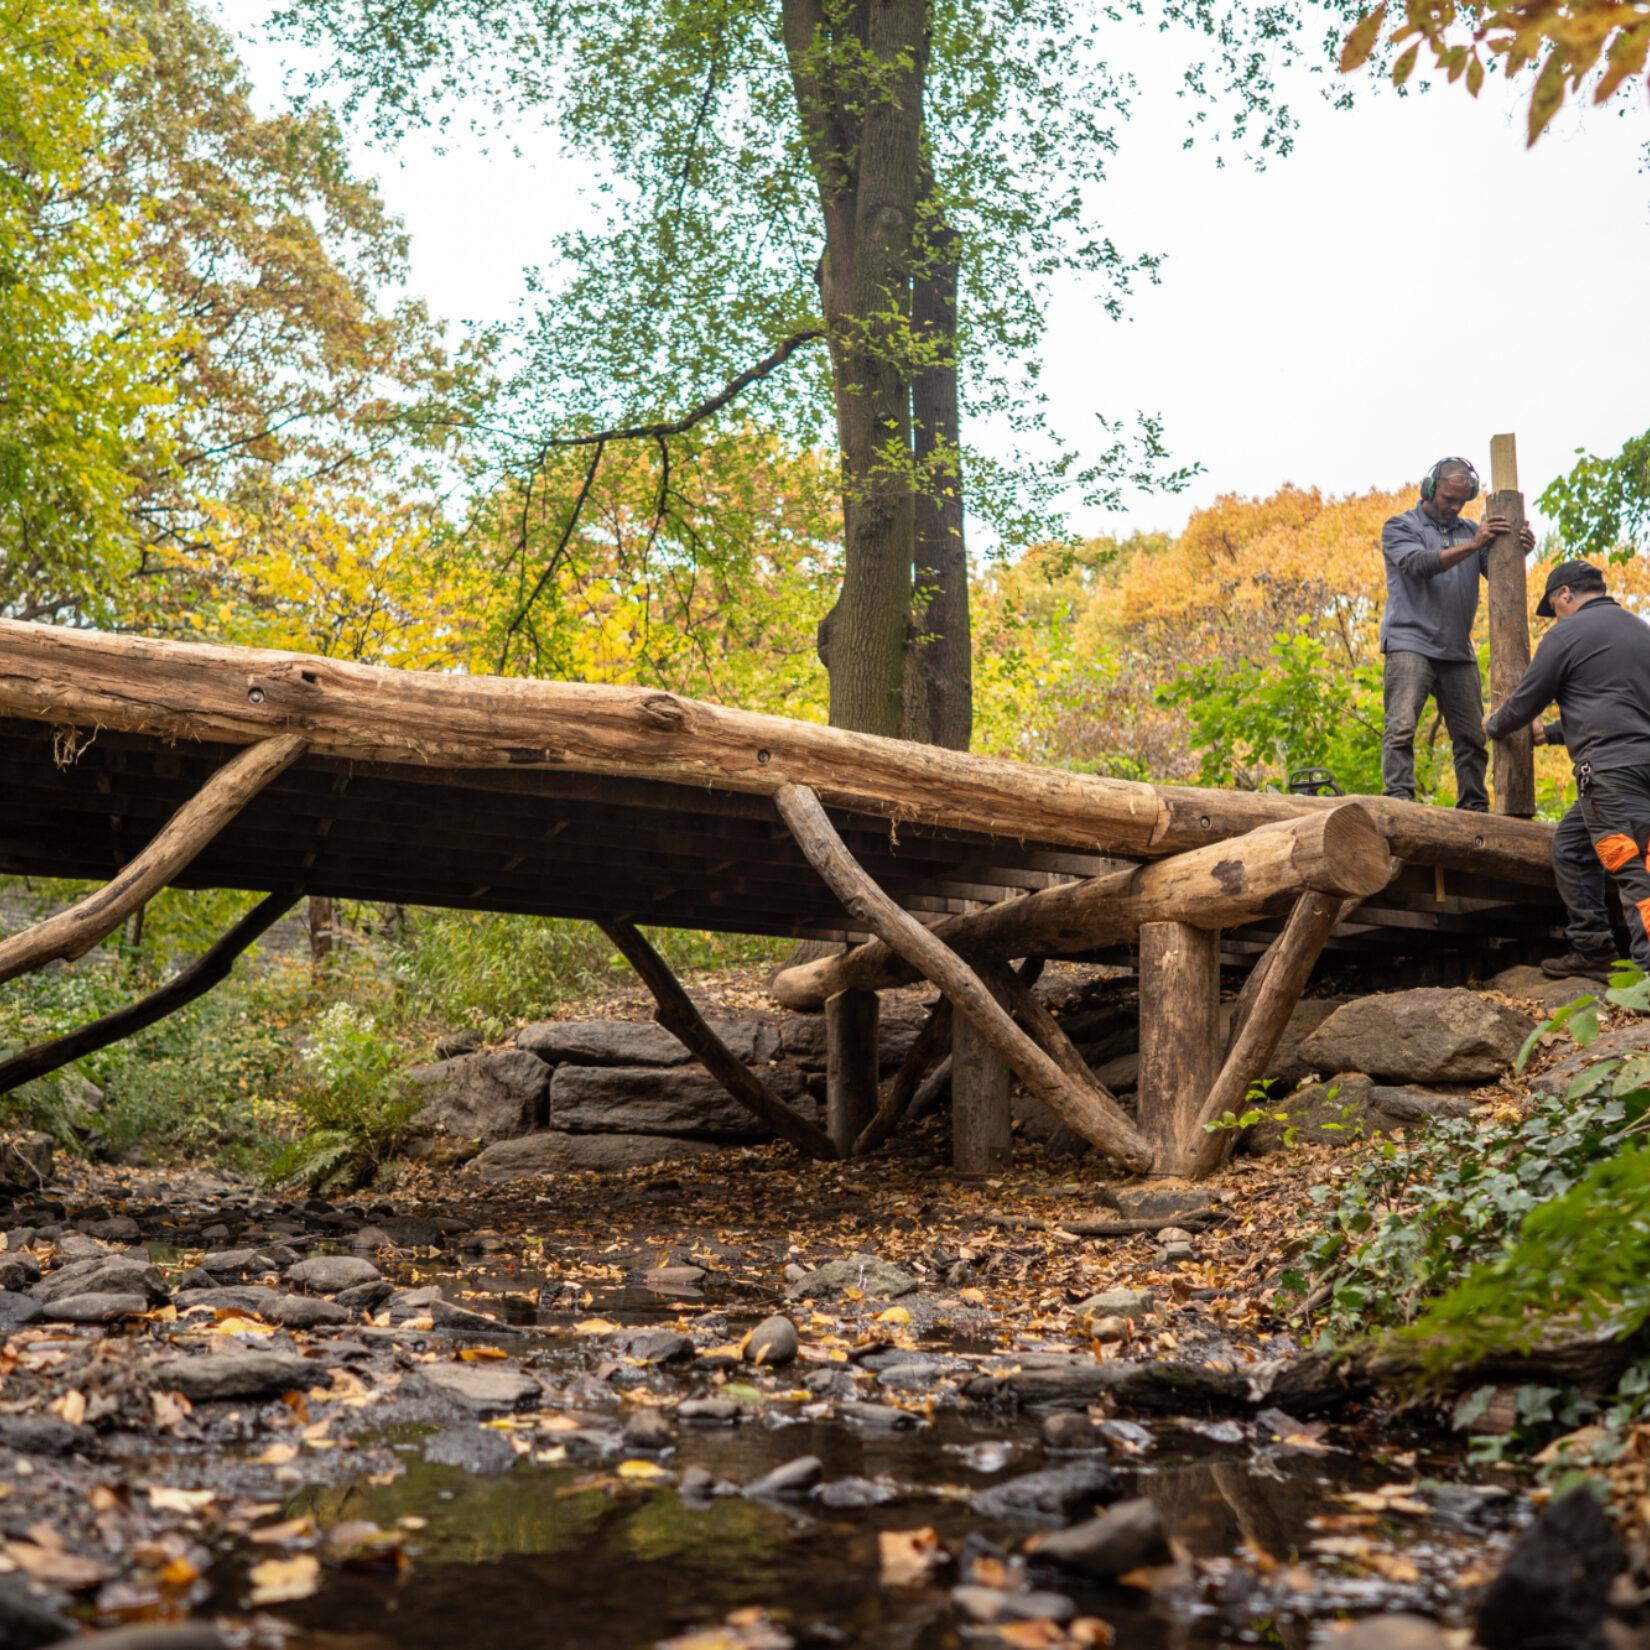 Conservancy staff repairing a rustic bridge